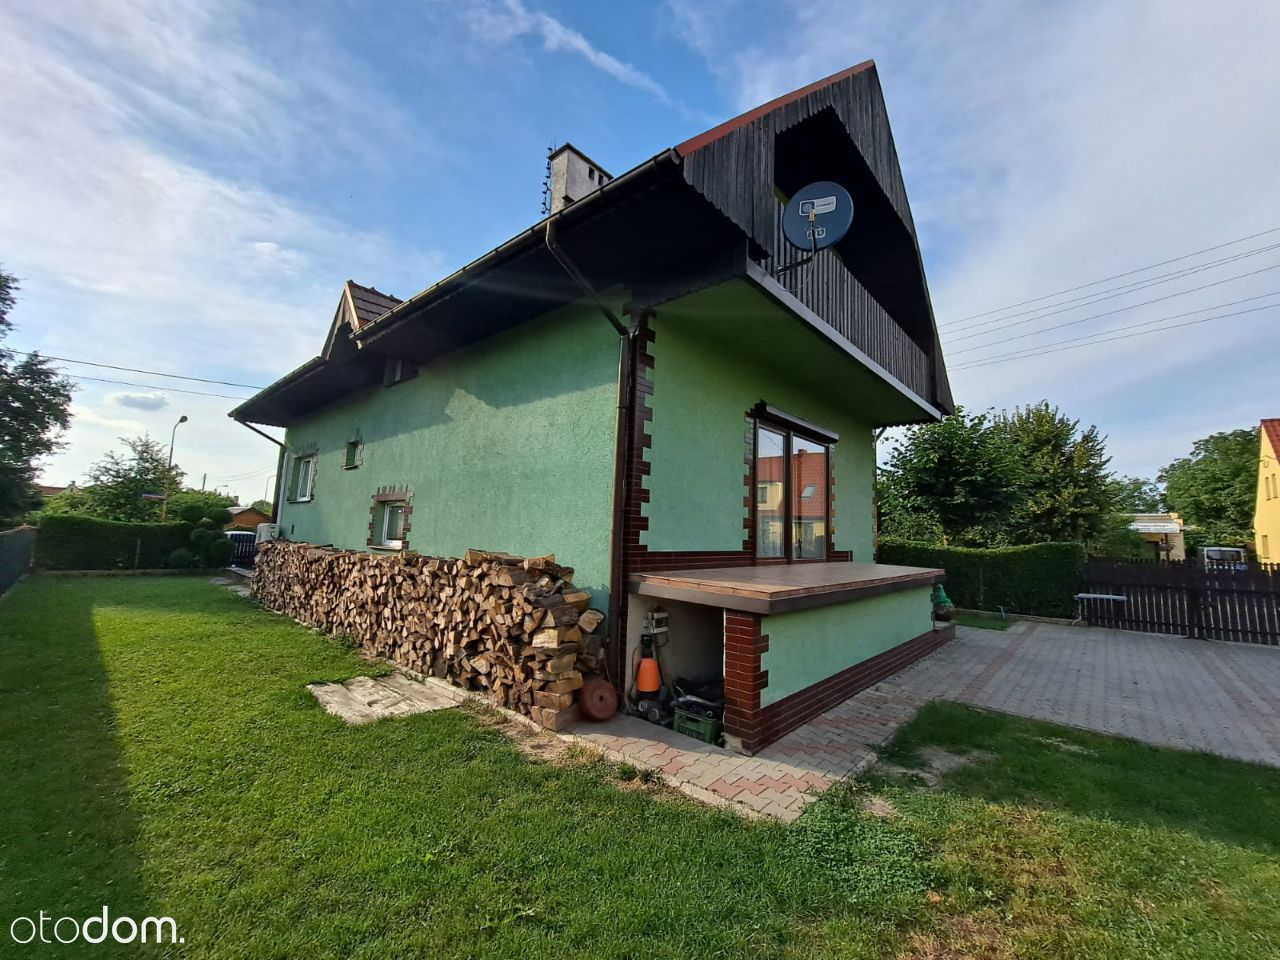 Dom jednorodzinny bez pośredników zielone ogrody